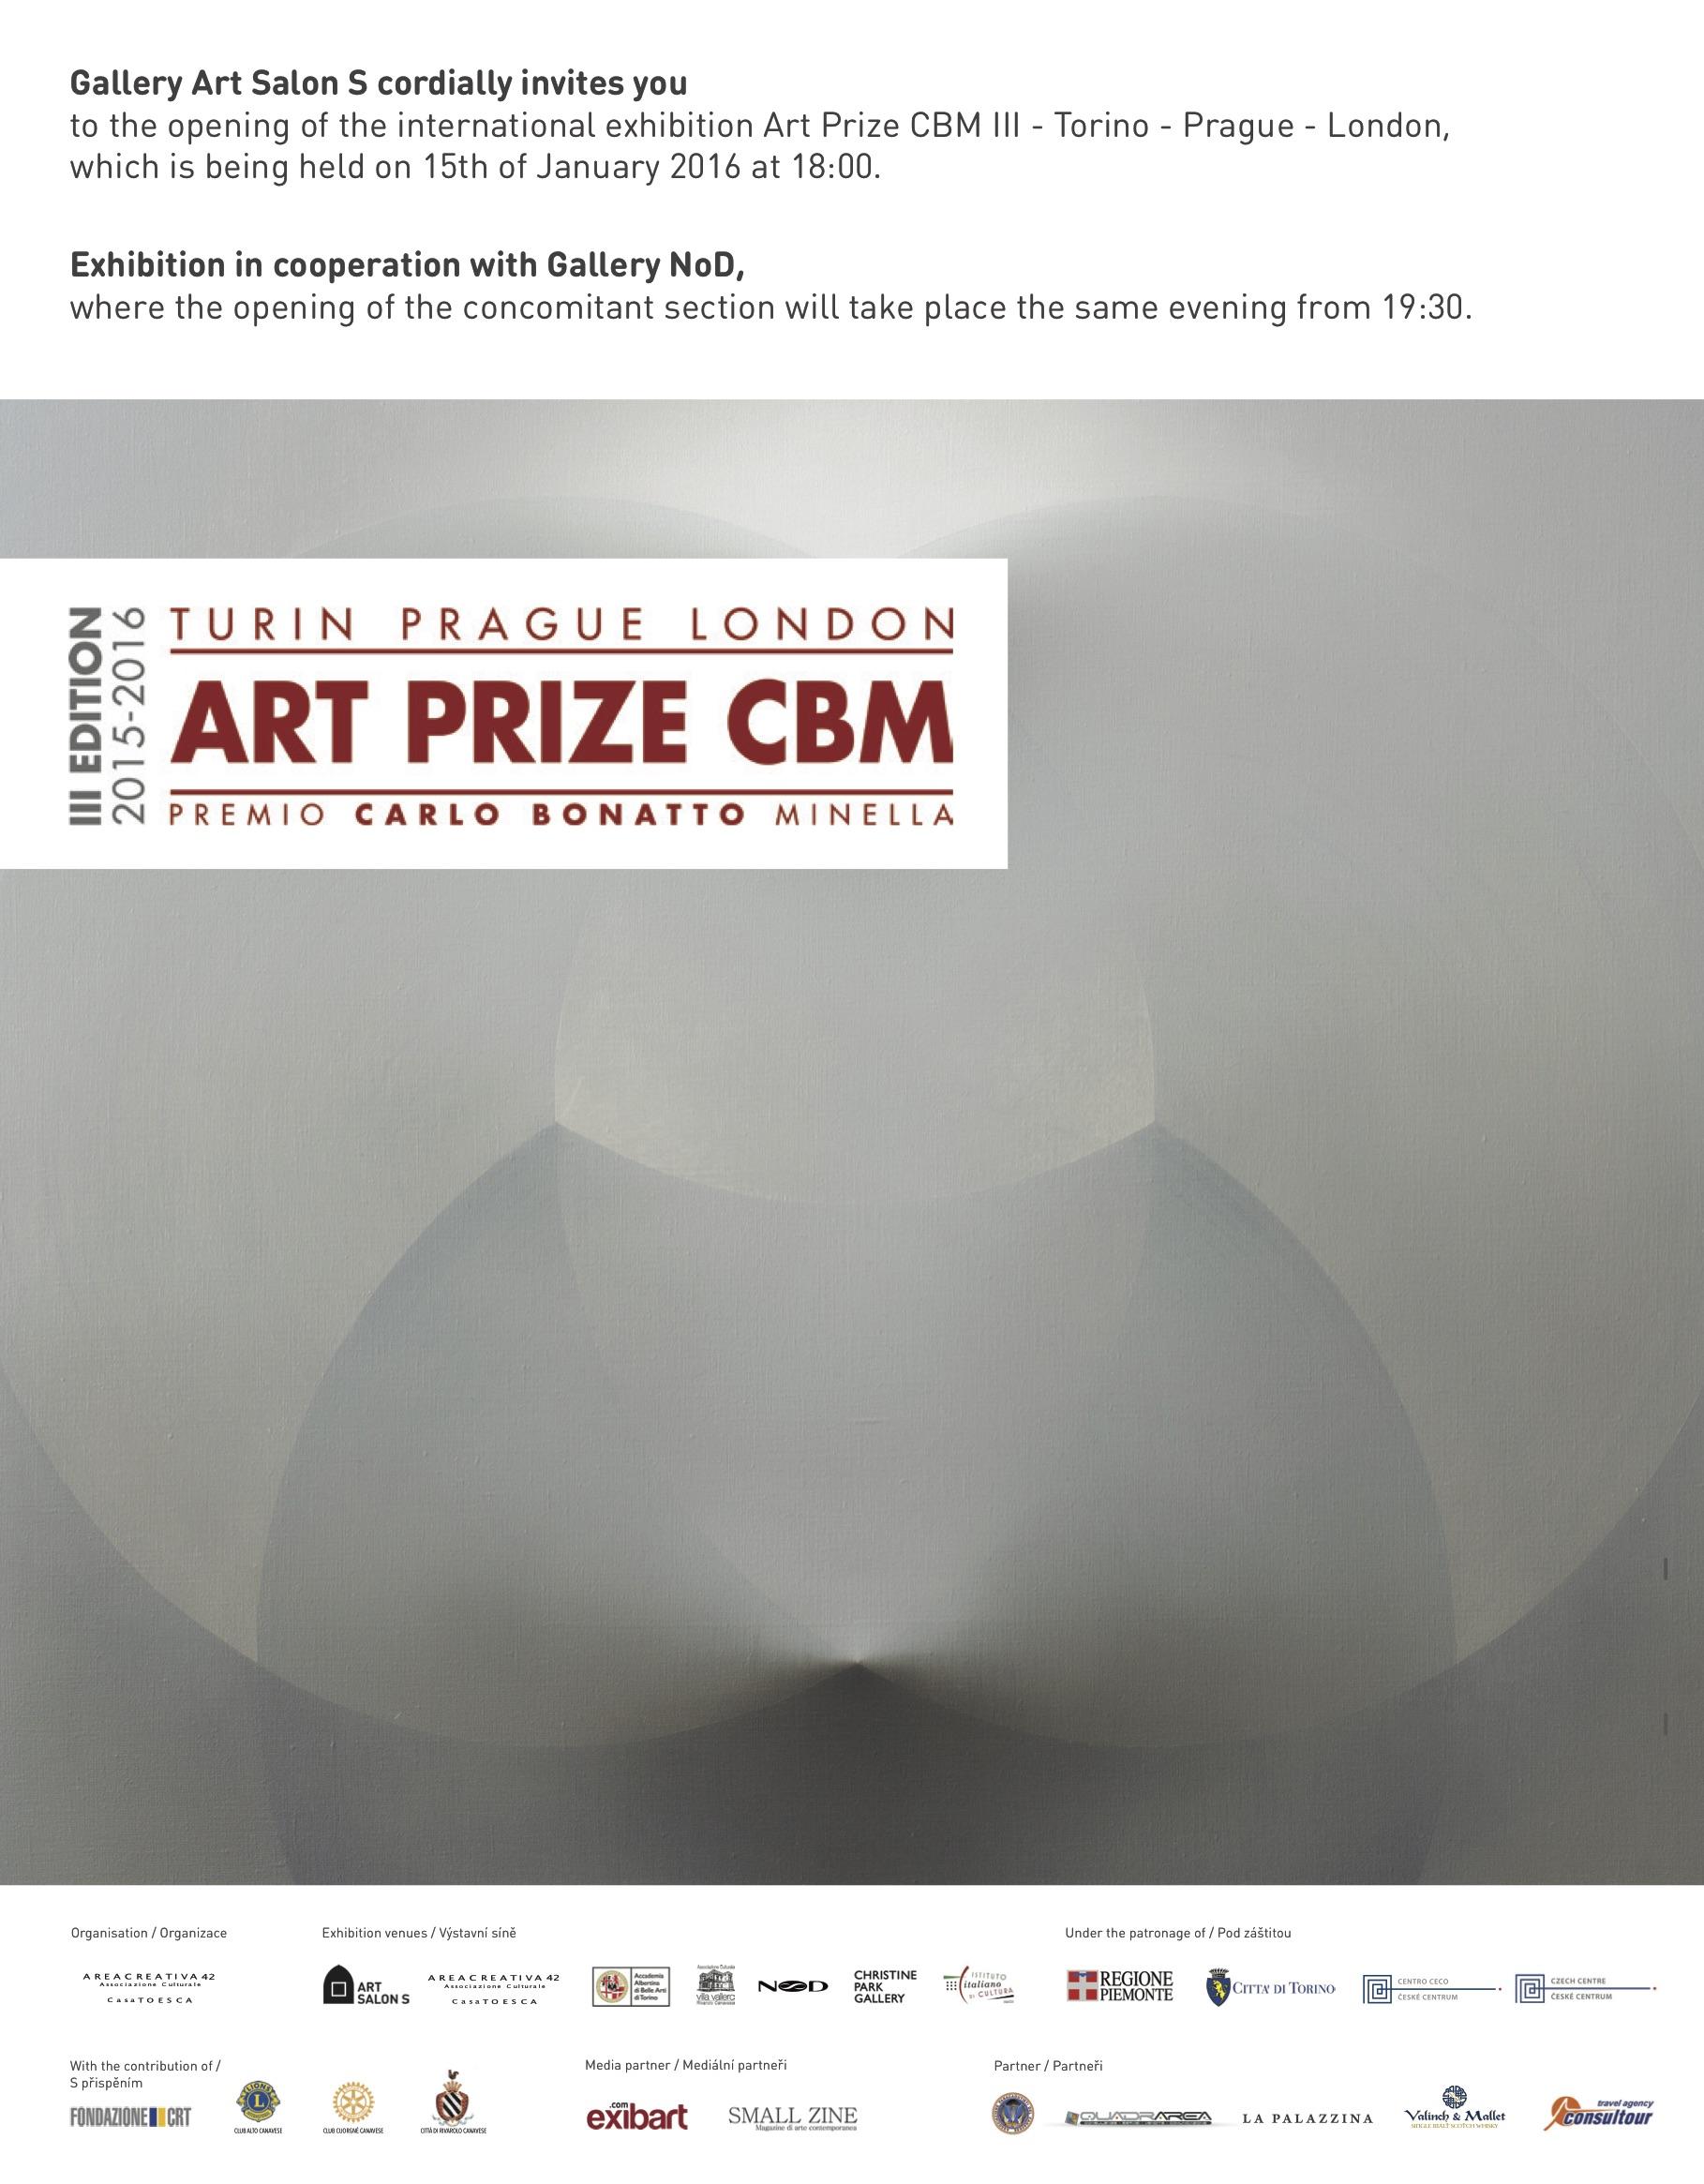 invito Art Salon S